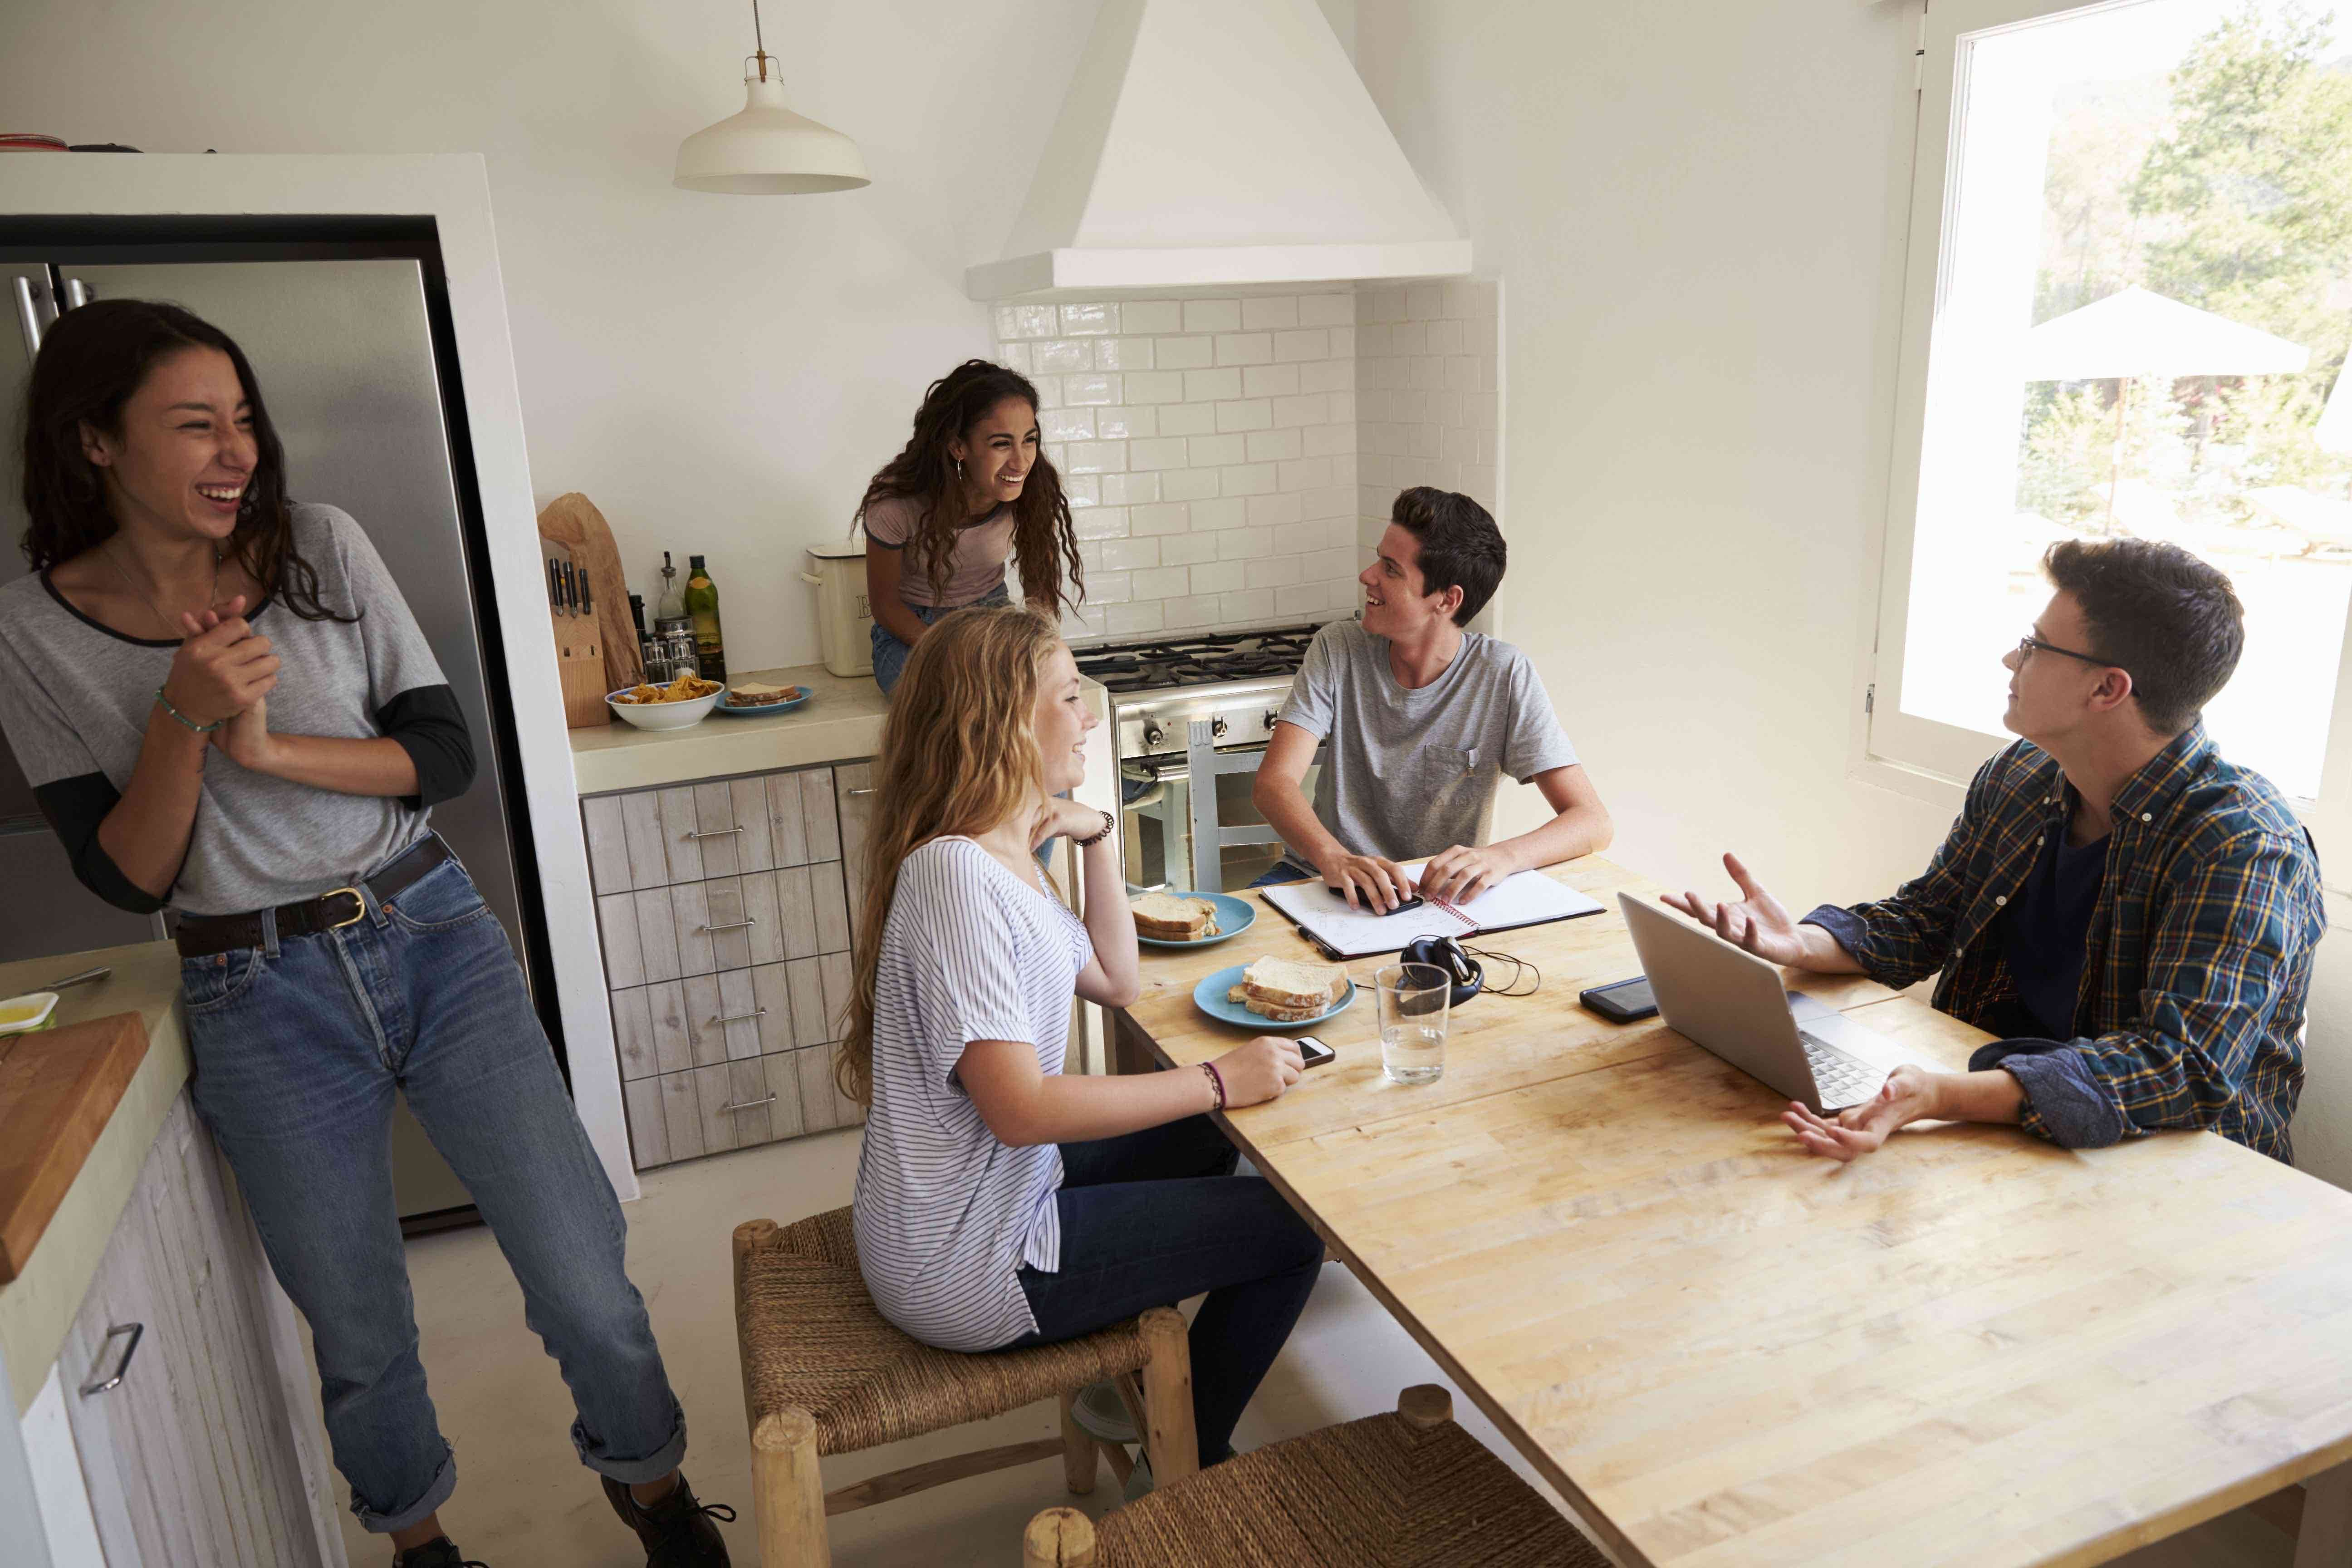 La cocina en el siglo XXI: espacio multifuncional, eco-friendly, unisex y conectado a RRSS